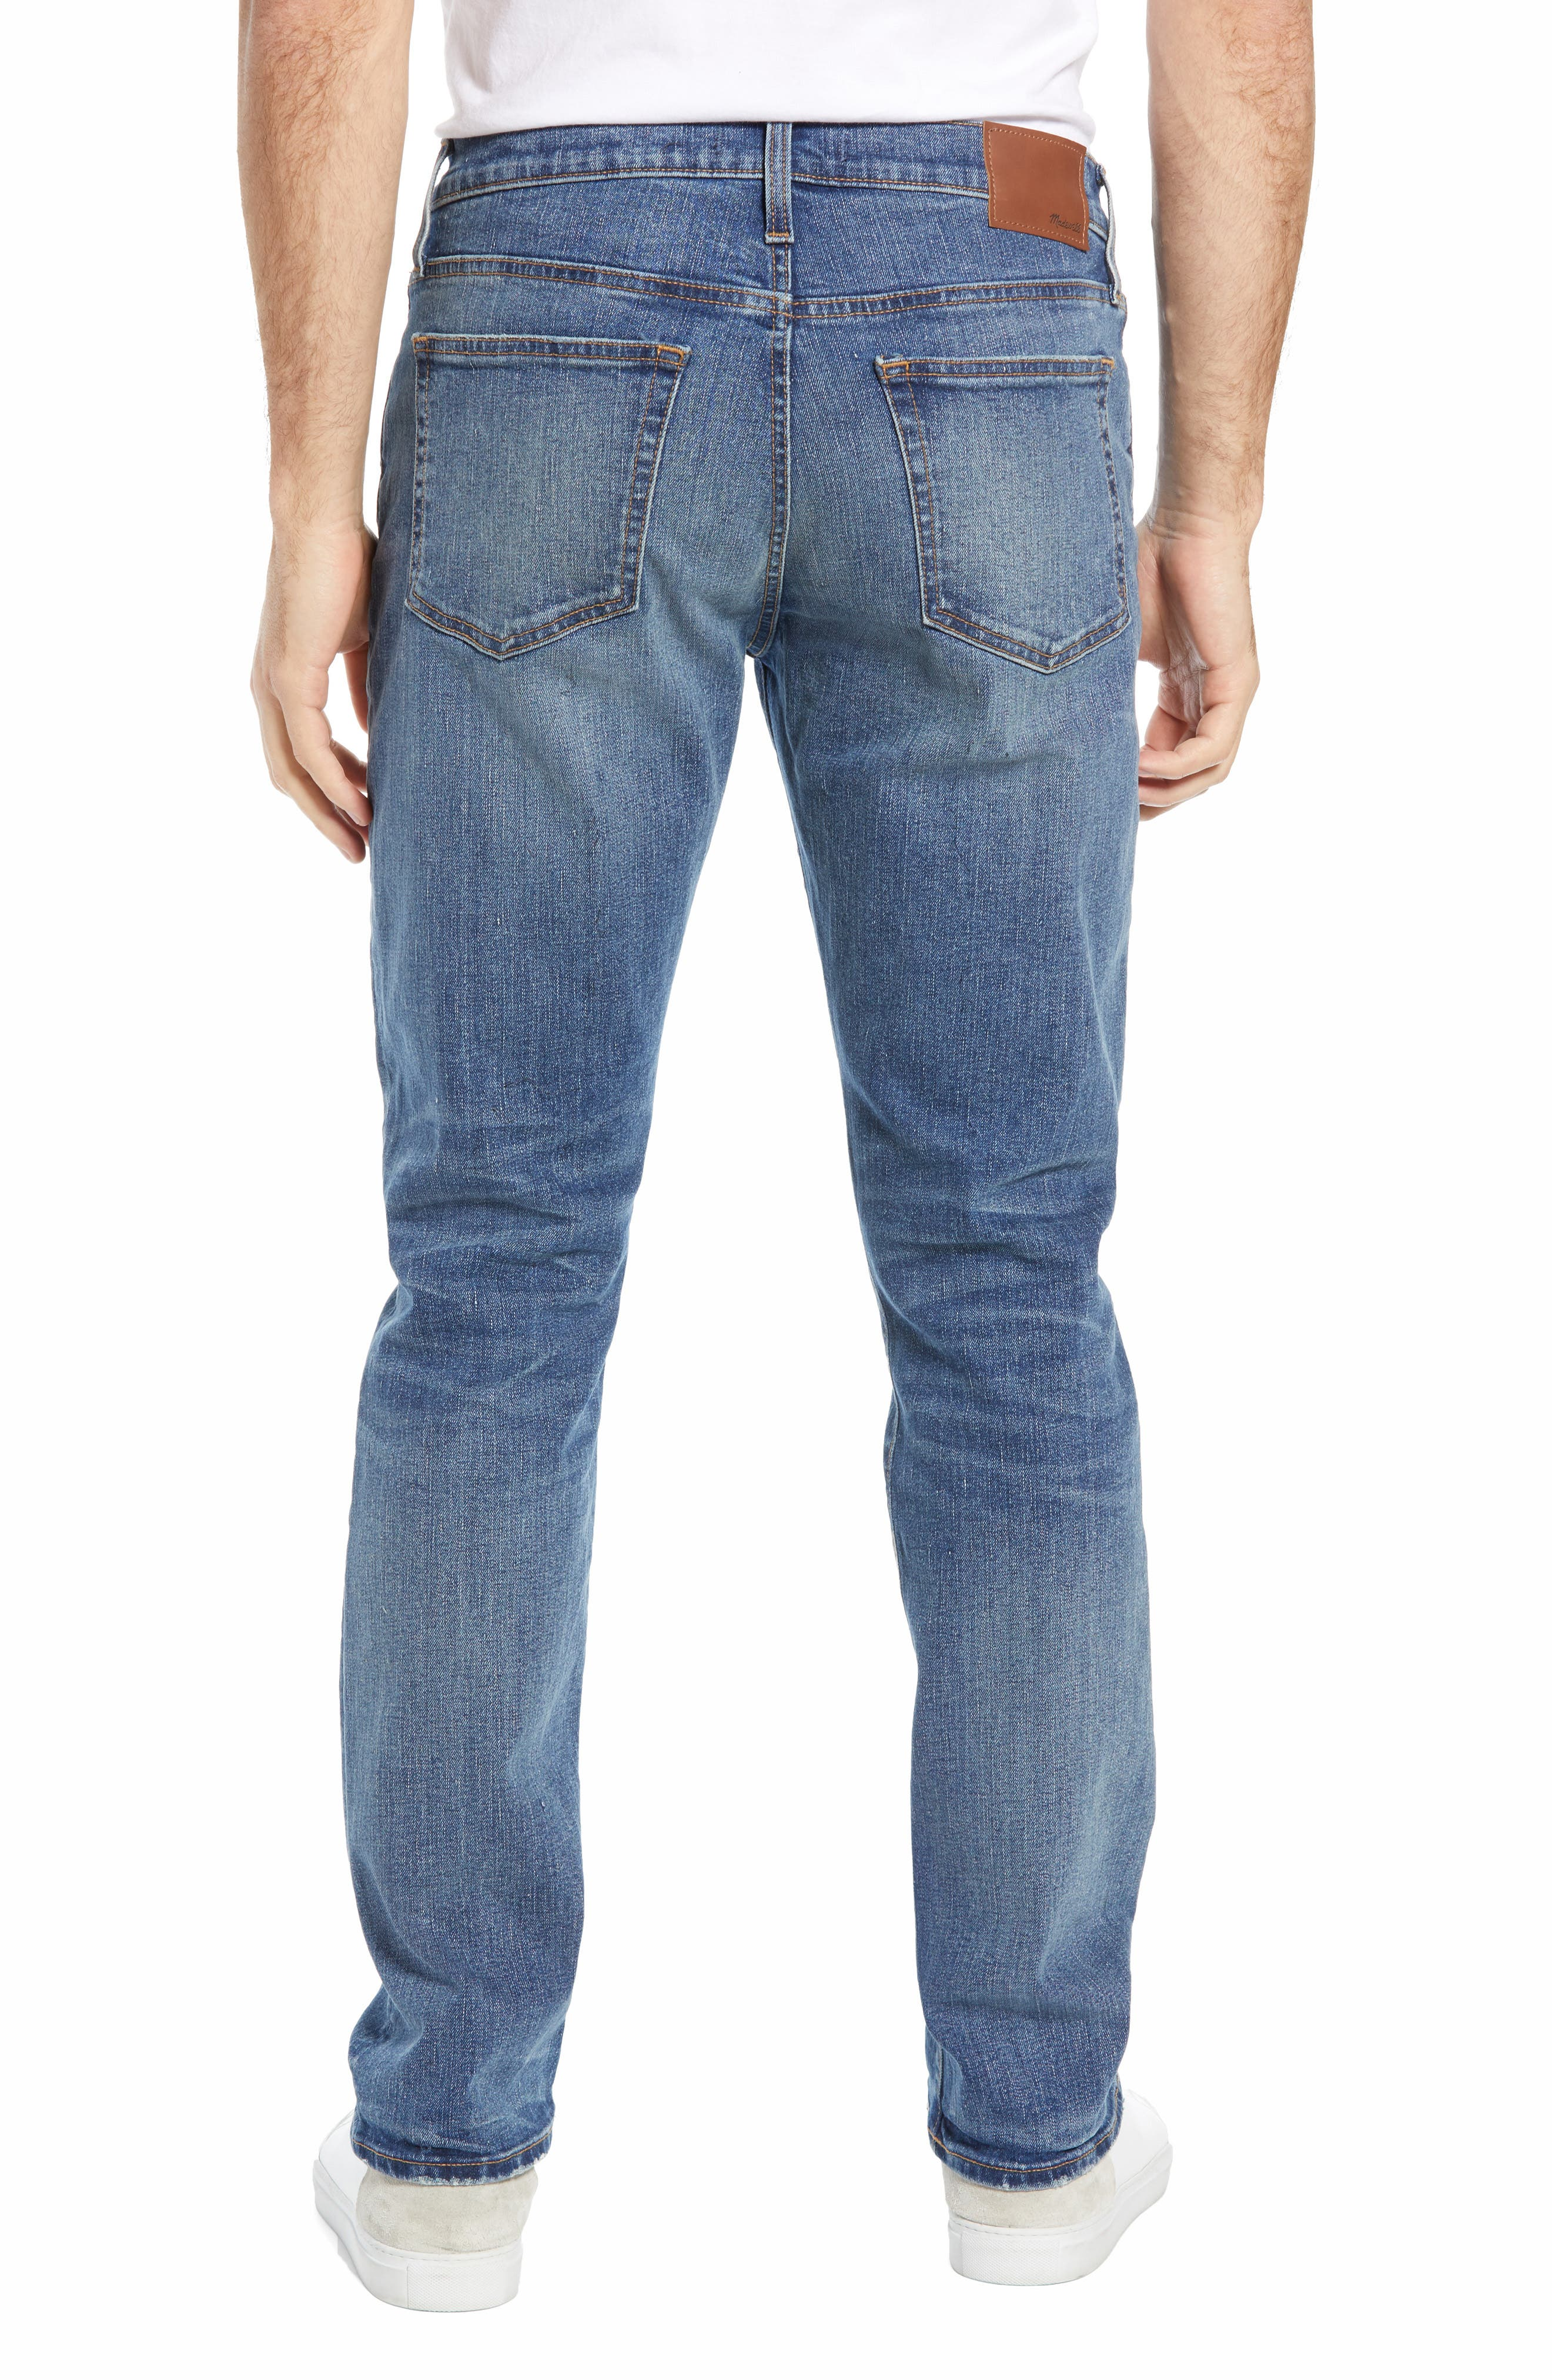 MADEWELL,                             Straight Leg Jeans,                             Alternate thumbnail 2, color,                             ARCWOOD